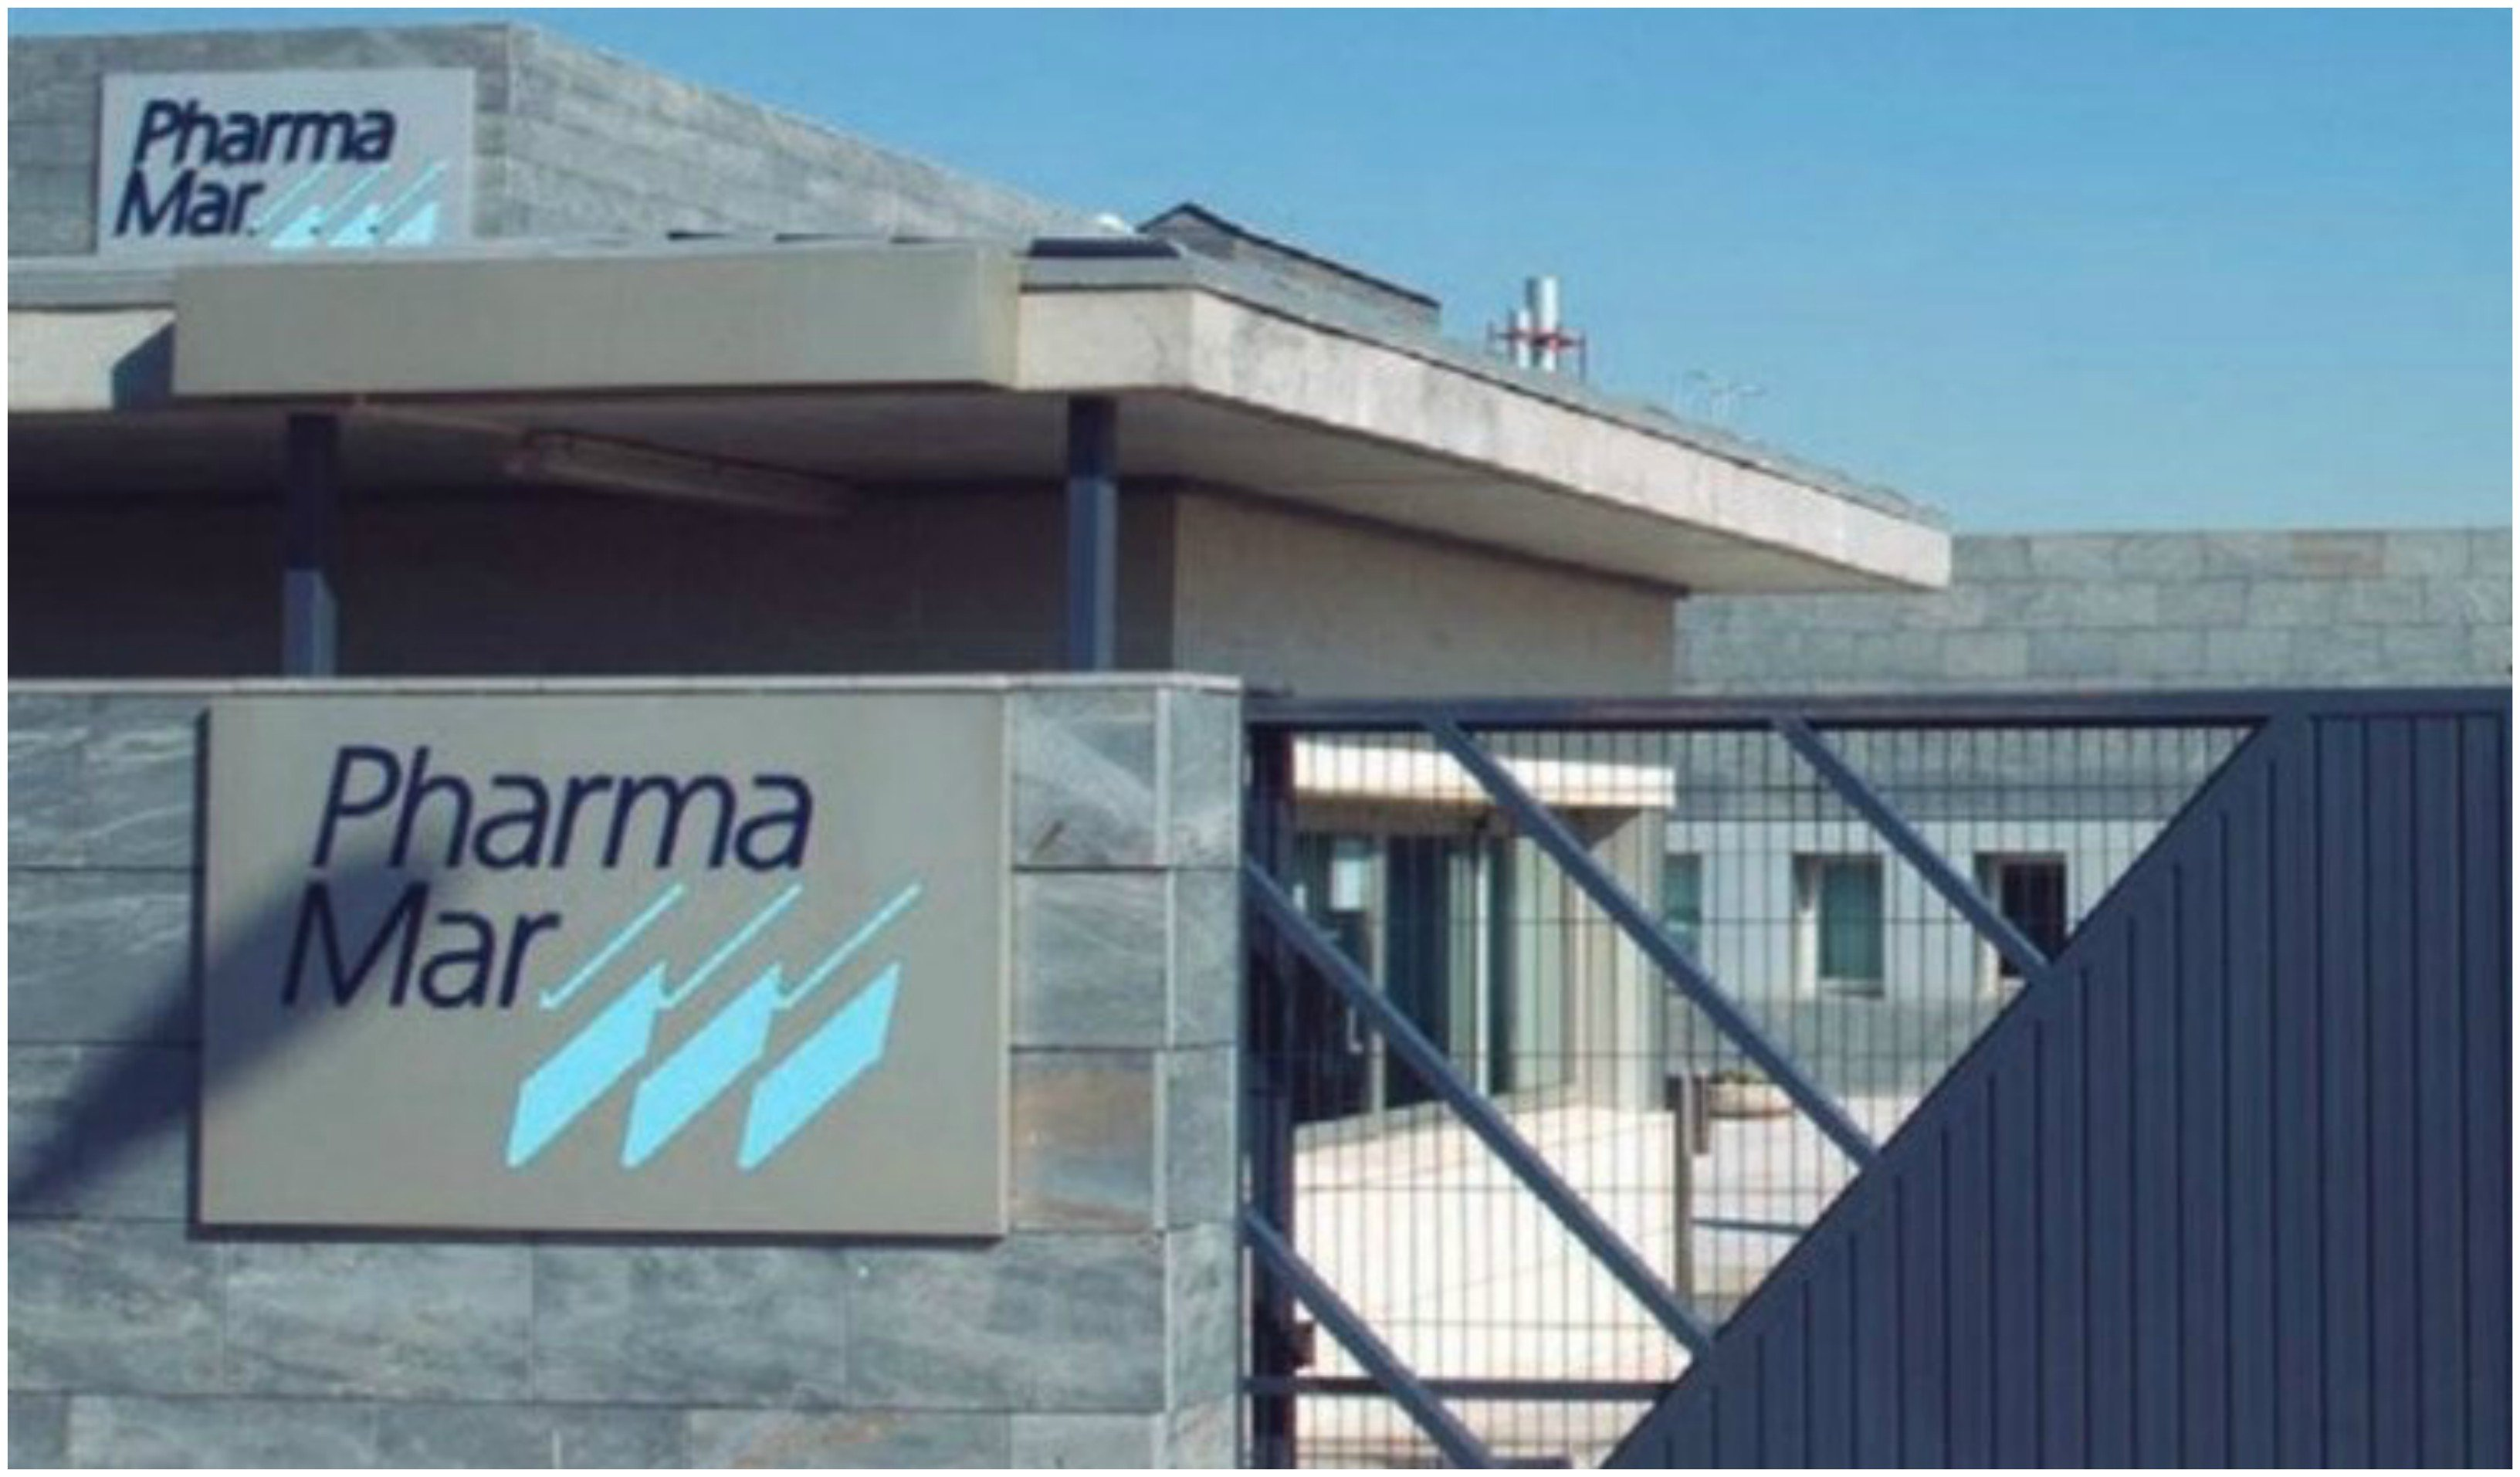 PharmaMar anuncia resultados positivos del Aplidin® contra un coronavirus similar al Covid-19